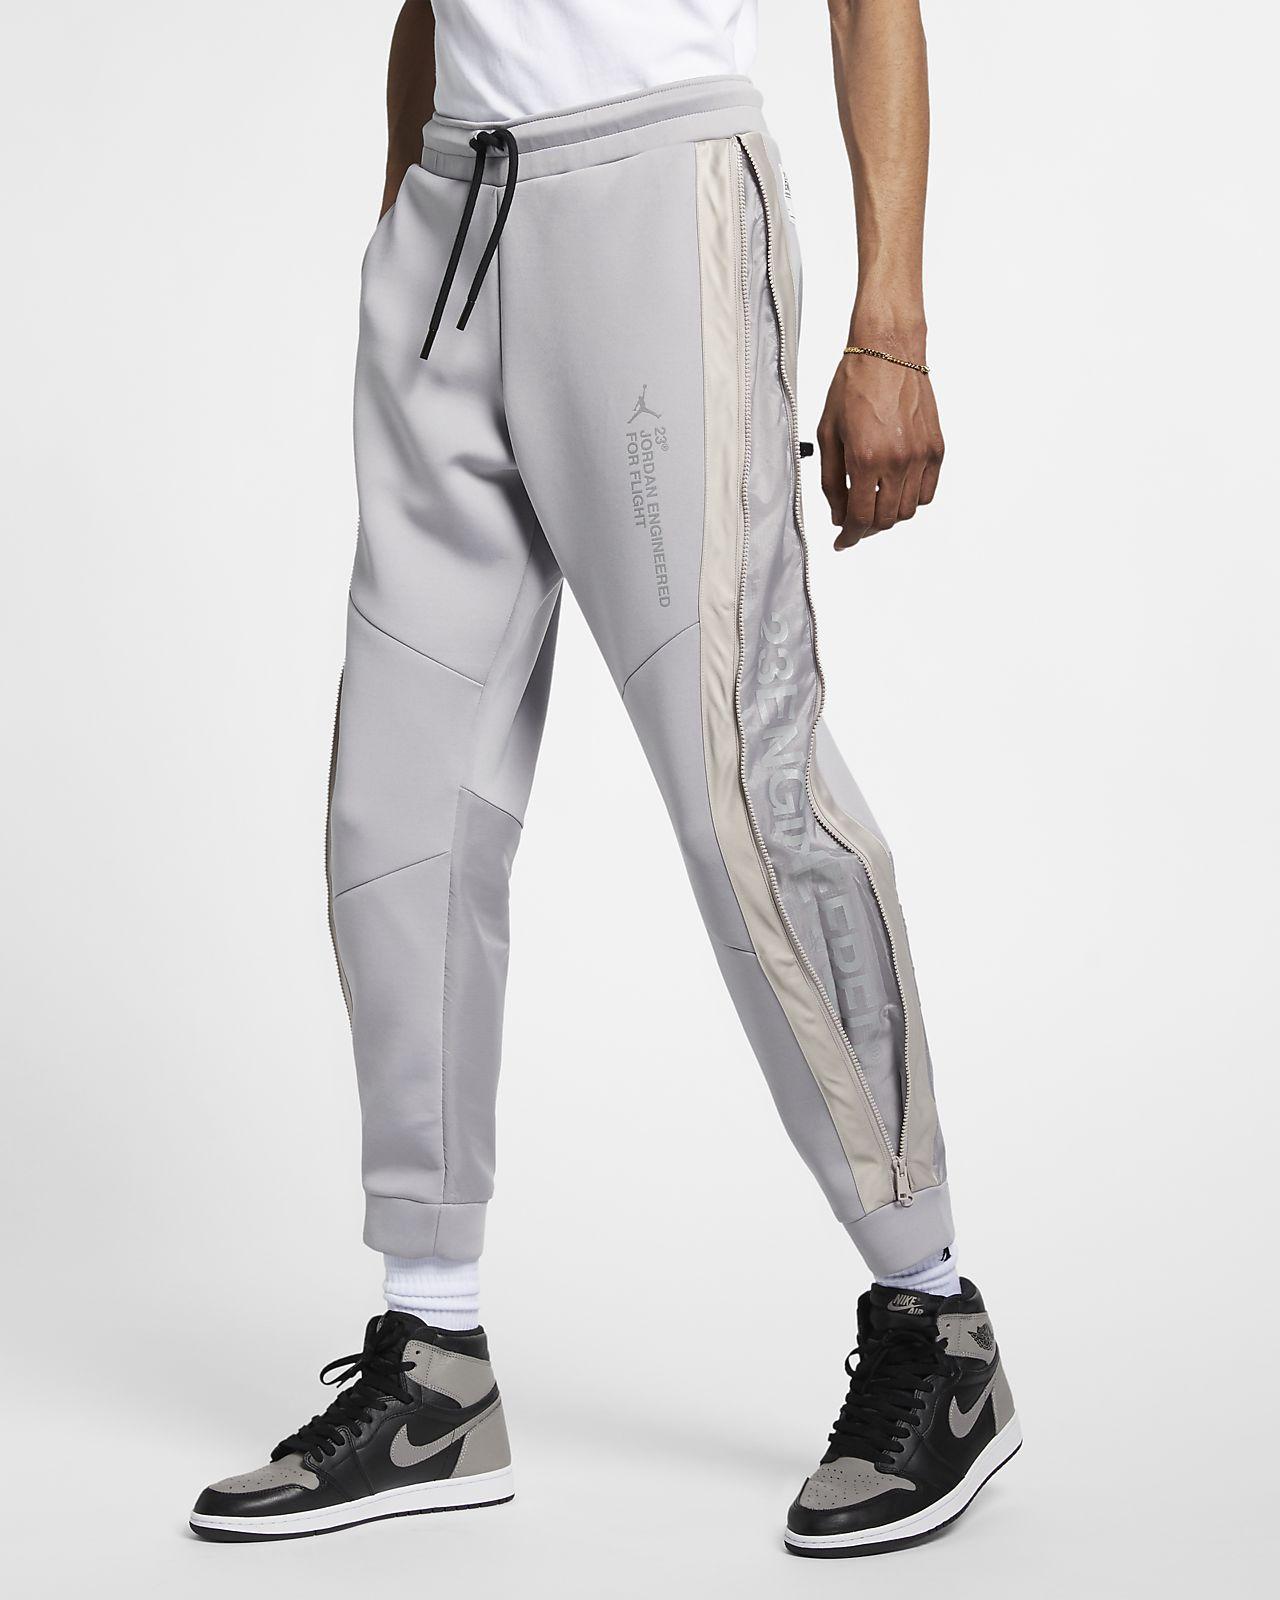 Jordan 23 Engineered-bukser til mænd